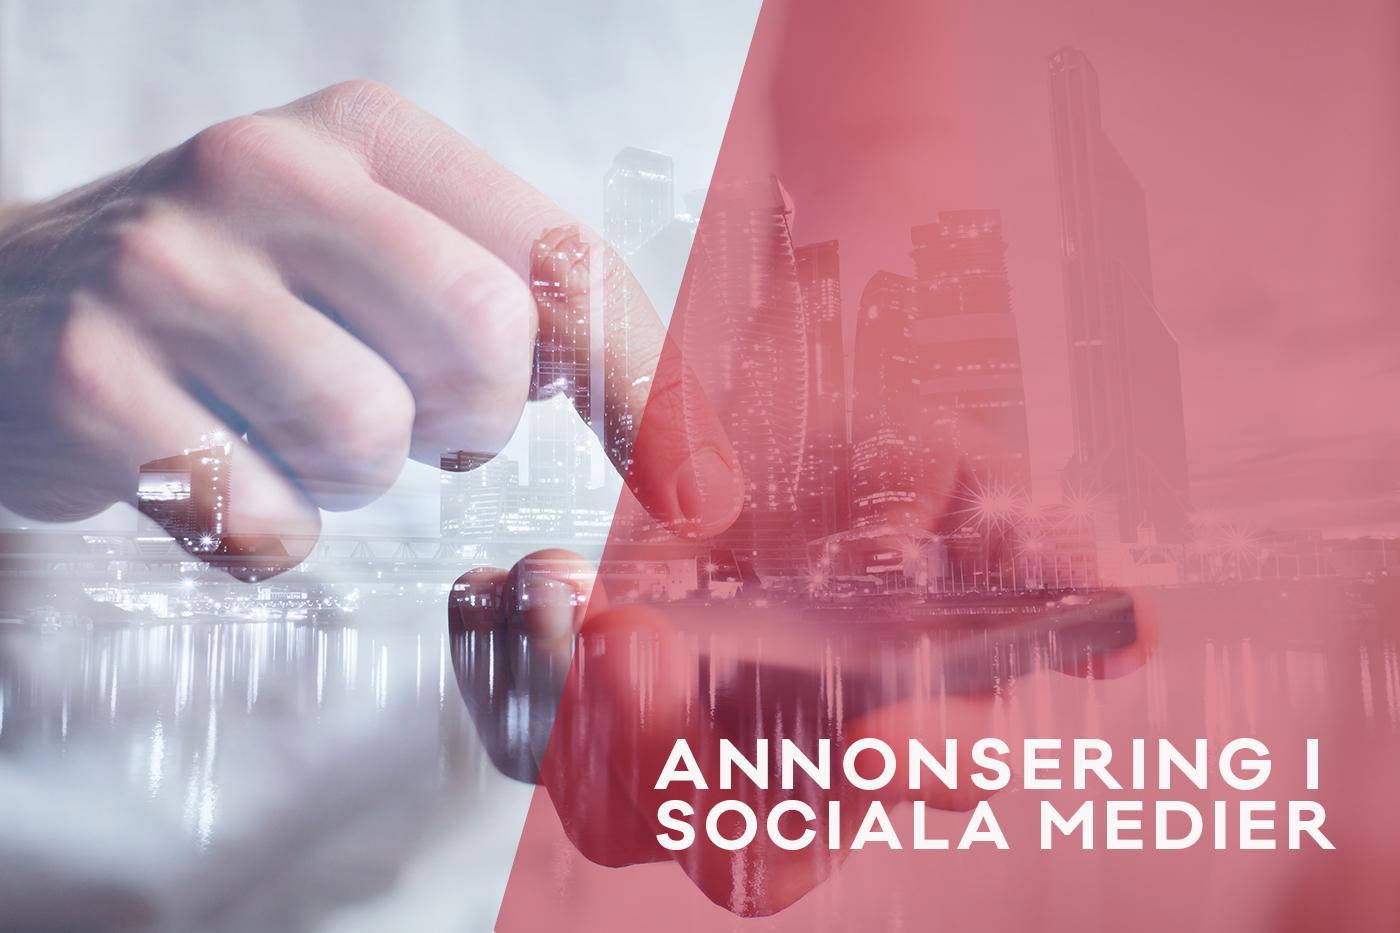 Annonsering i sociala medier. Hand och mobil